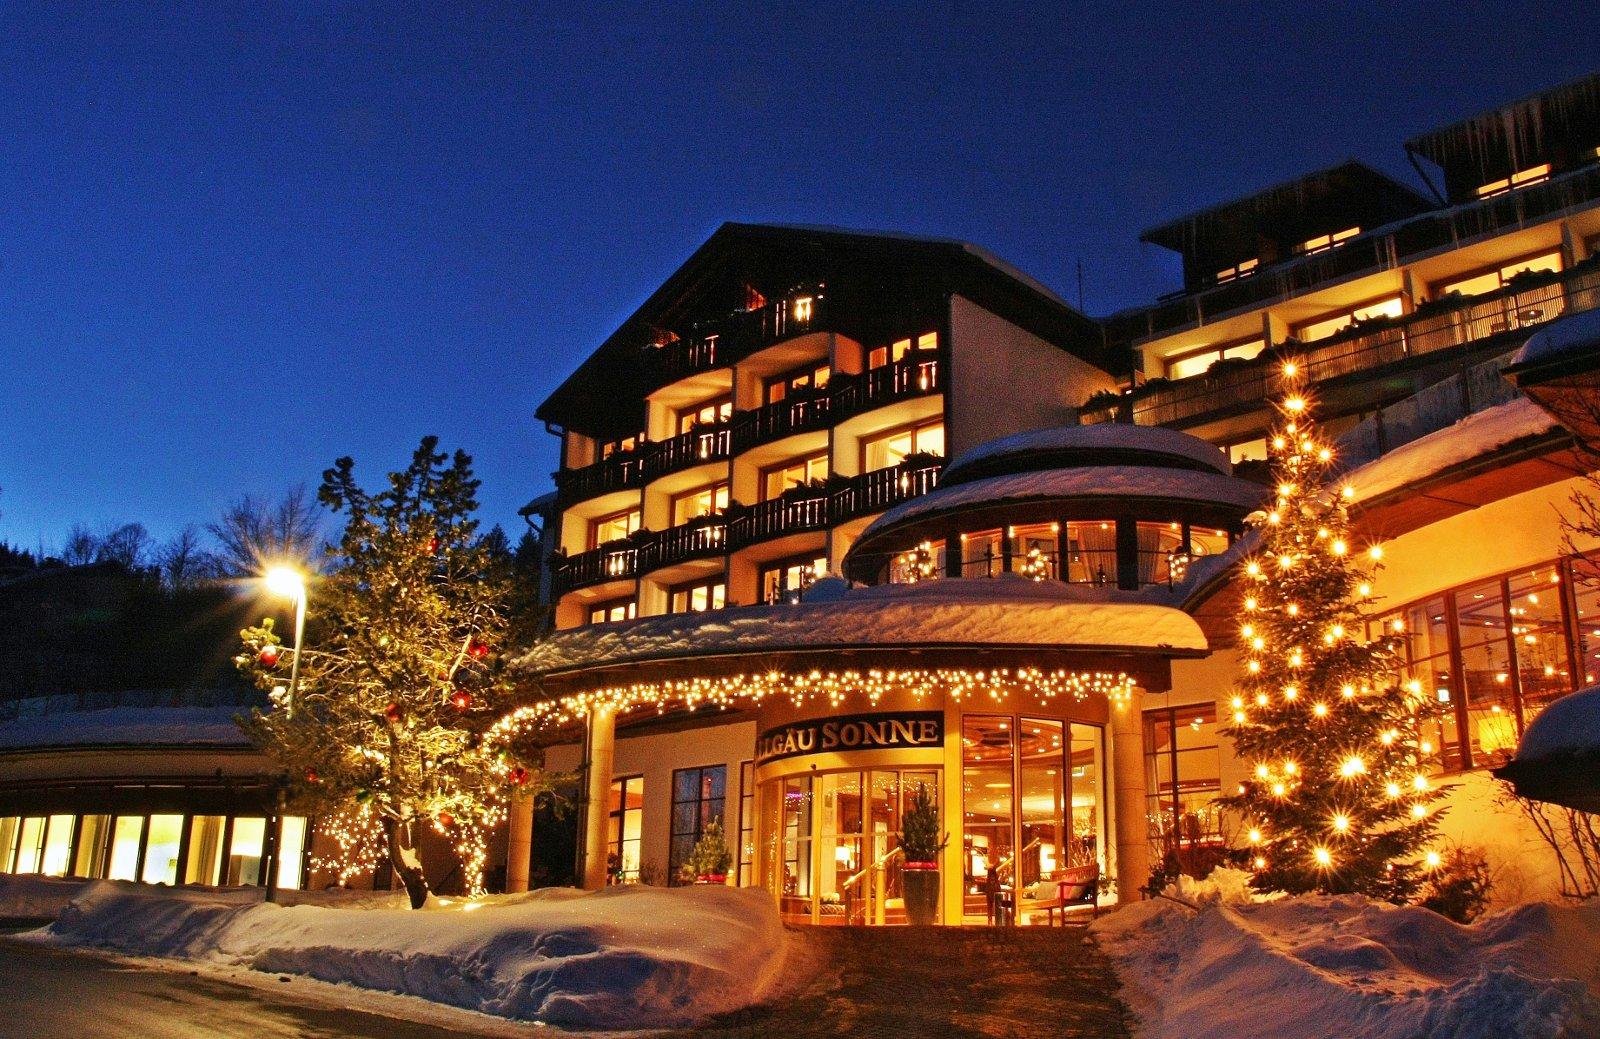 Feiern, sporteln und erholen – all das ist zum Jahreswechsel im Fünf-Sterne-Hotel Allgäu Sonne in Oberstaufen möglich. Bildnachweis: Allgäu Sonne